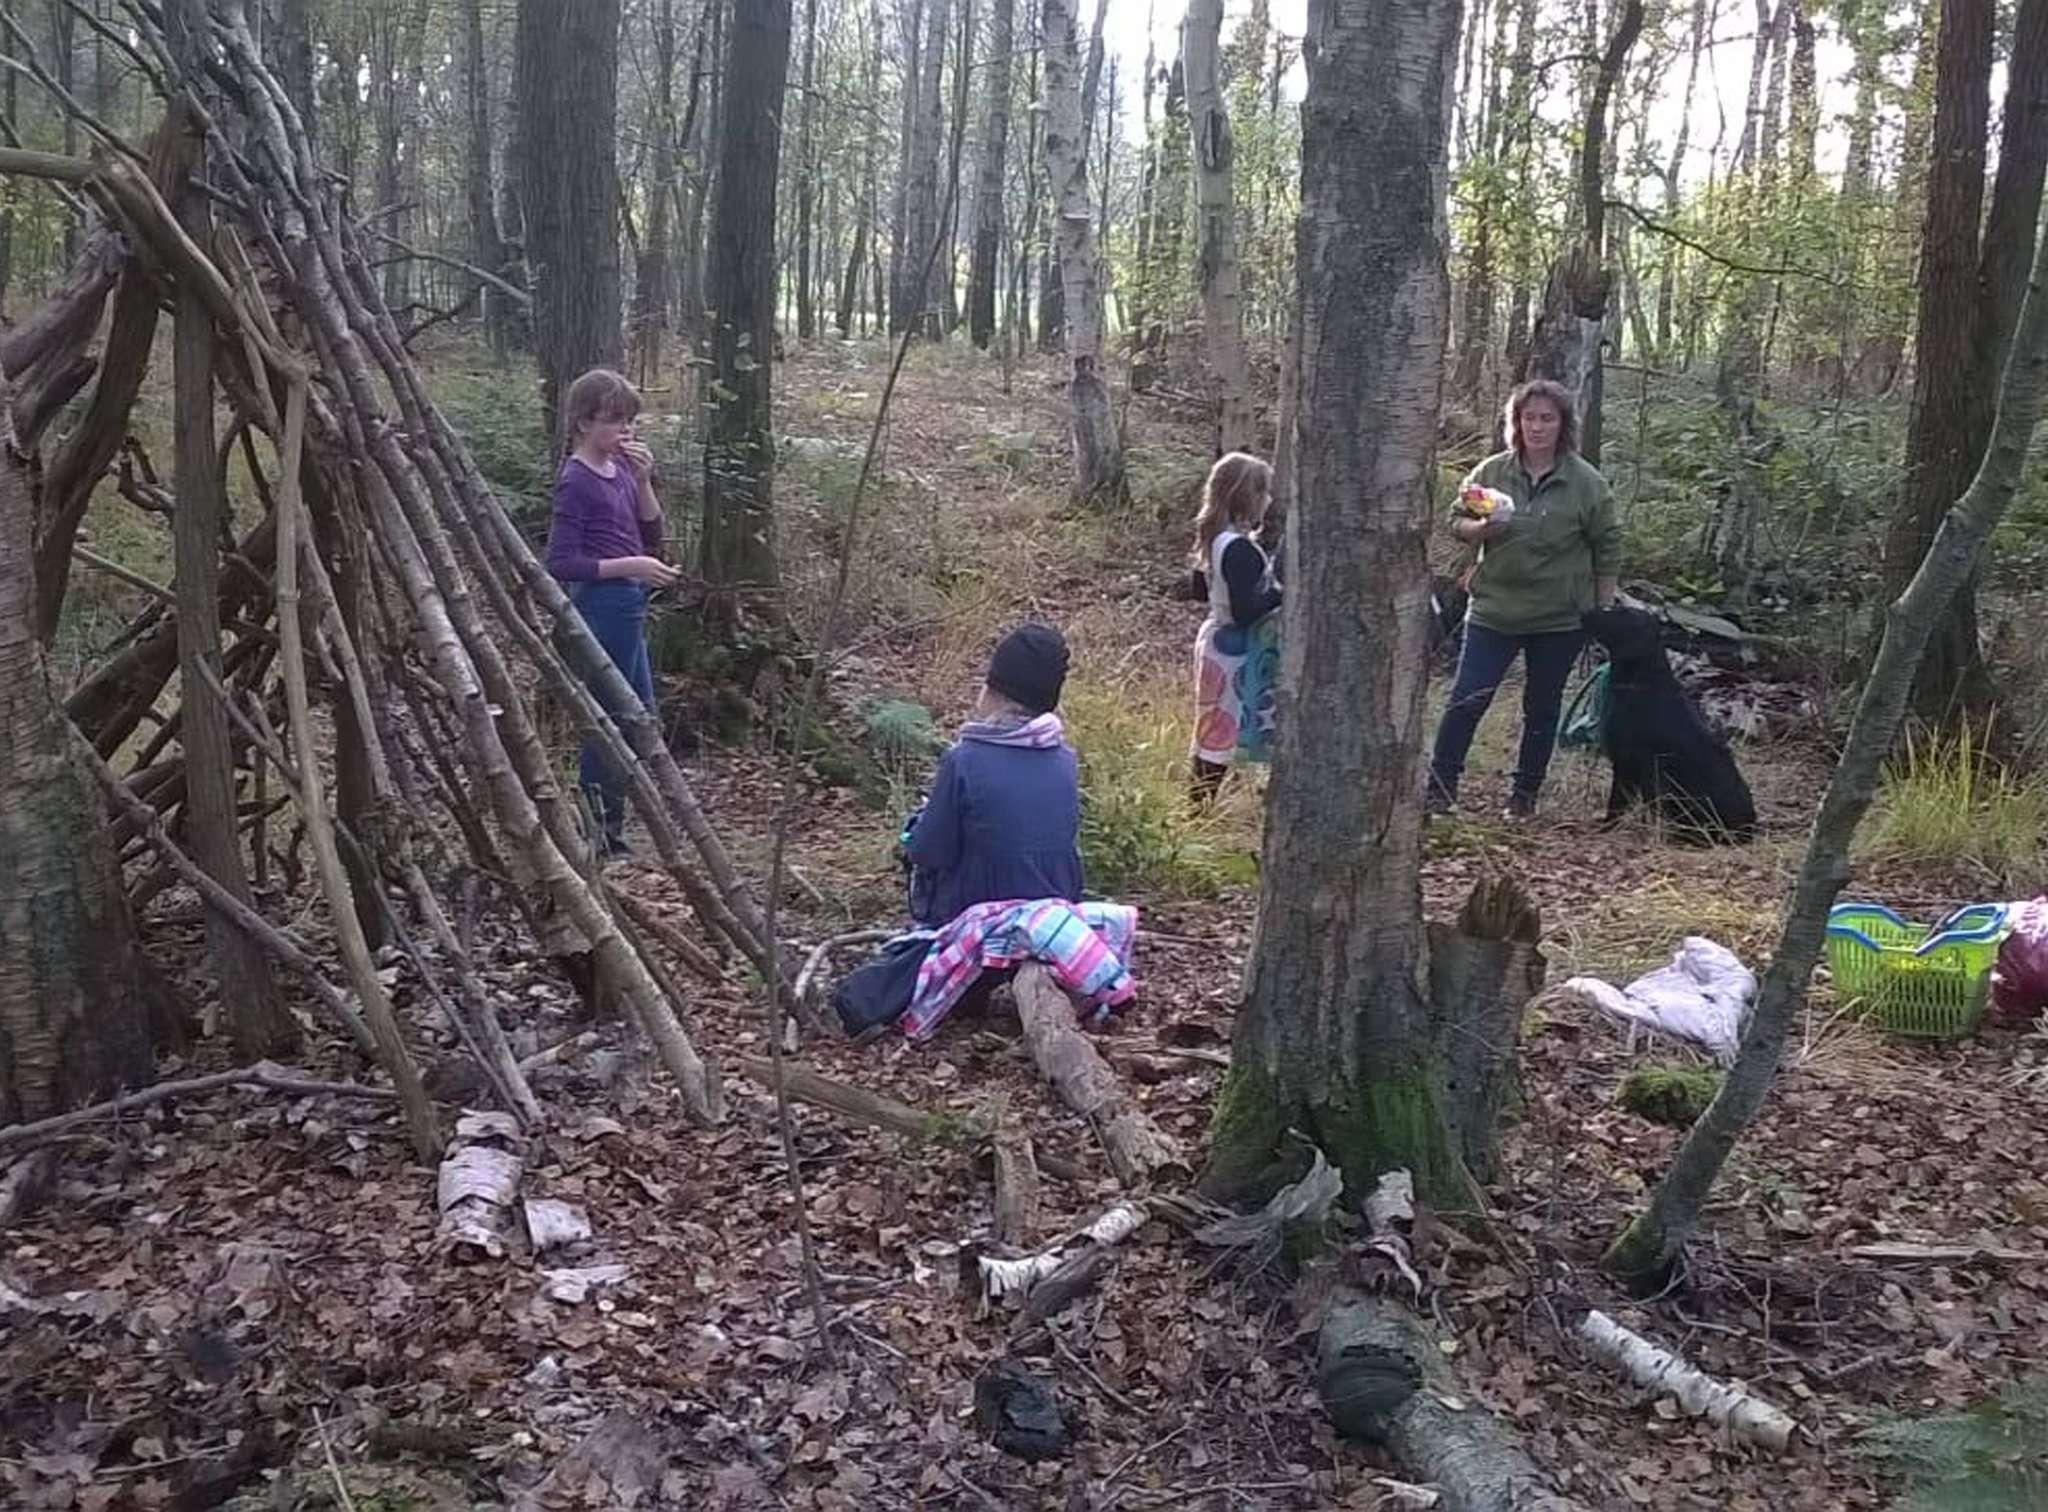 Die Kinder erkunden den Wald auf eigene Faust.